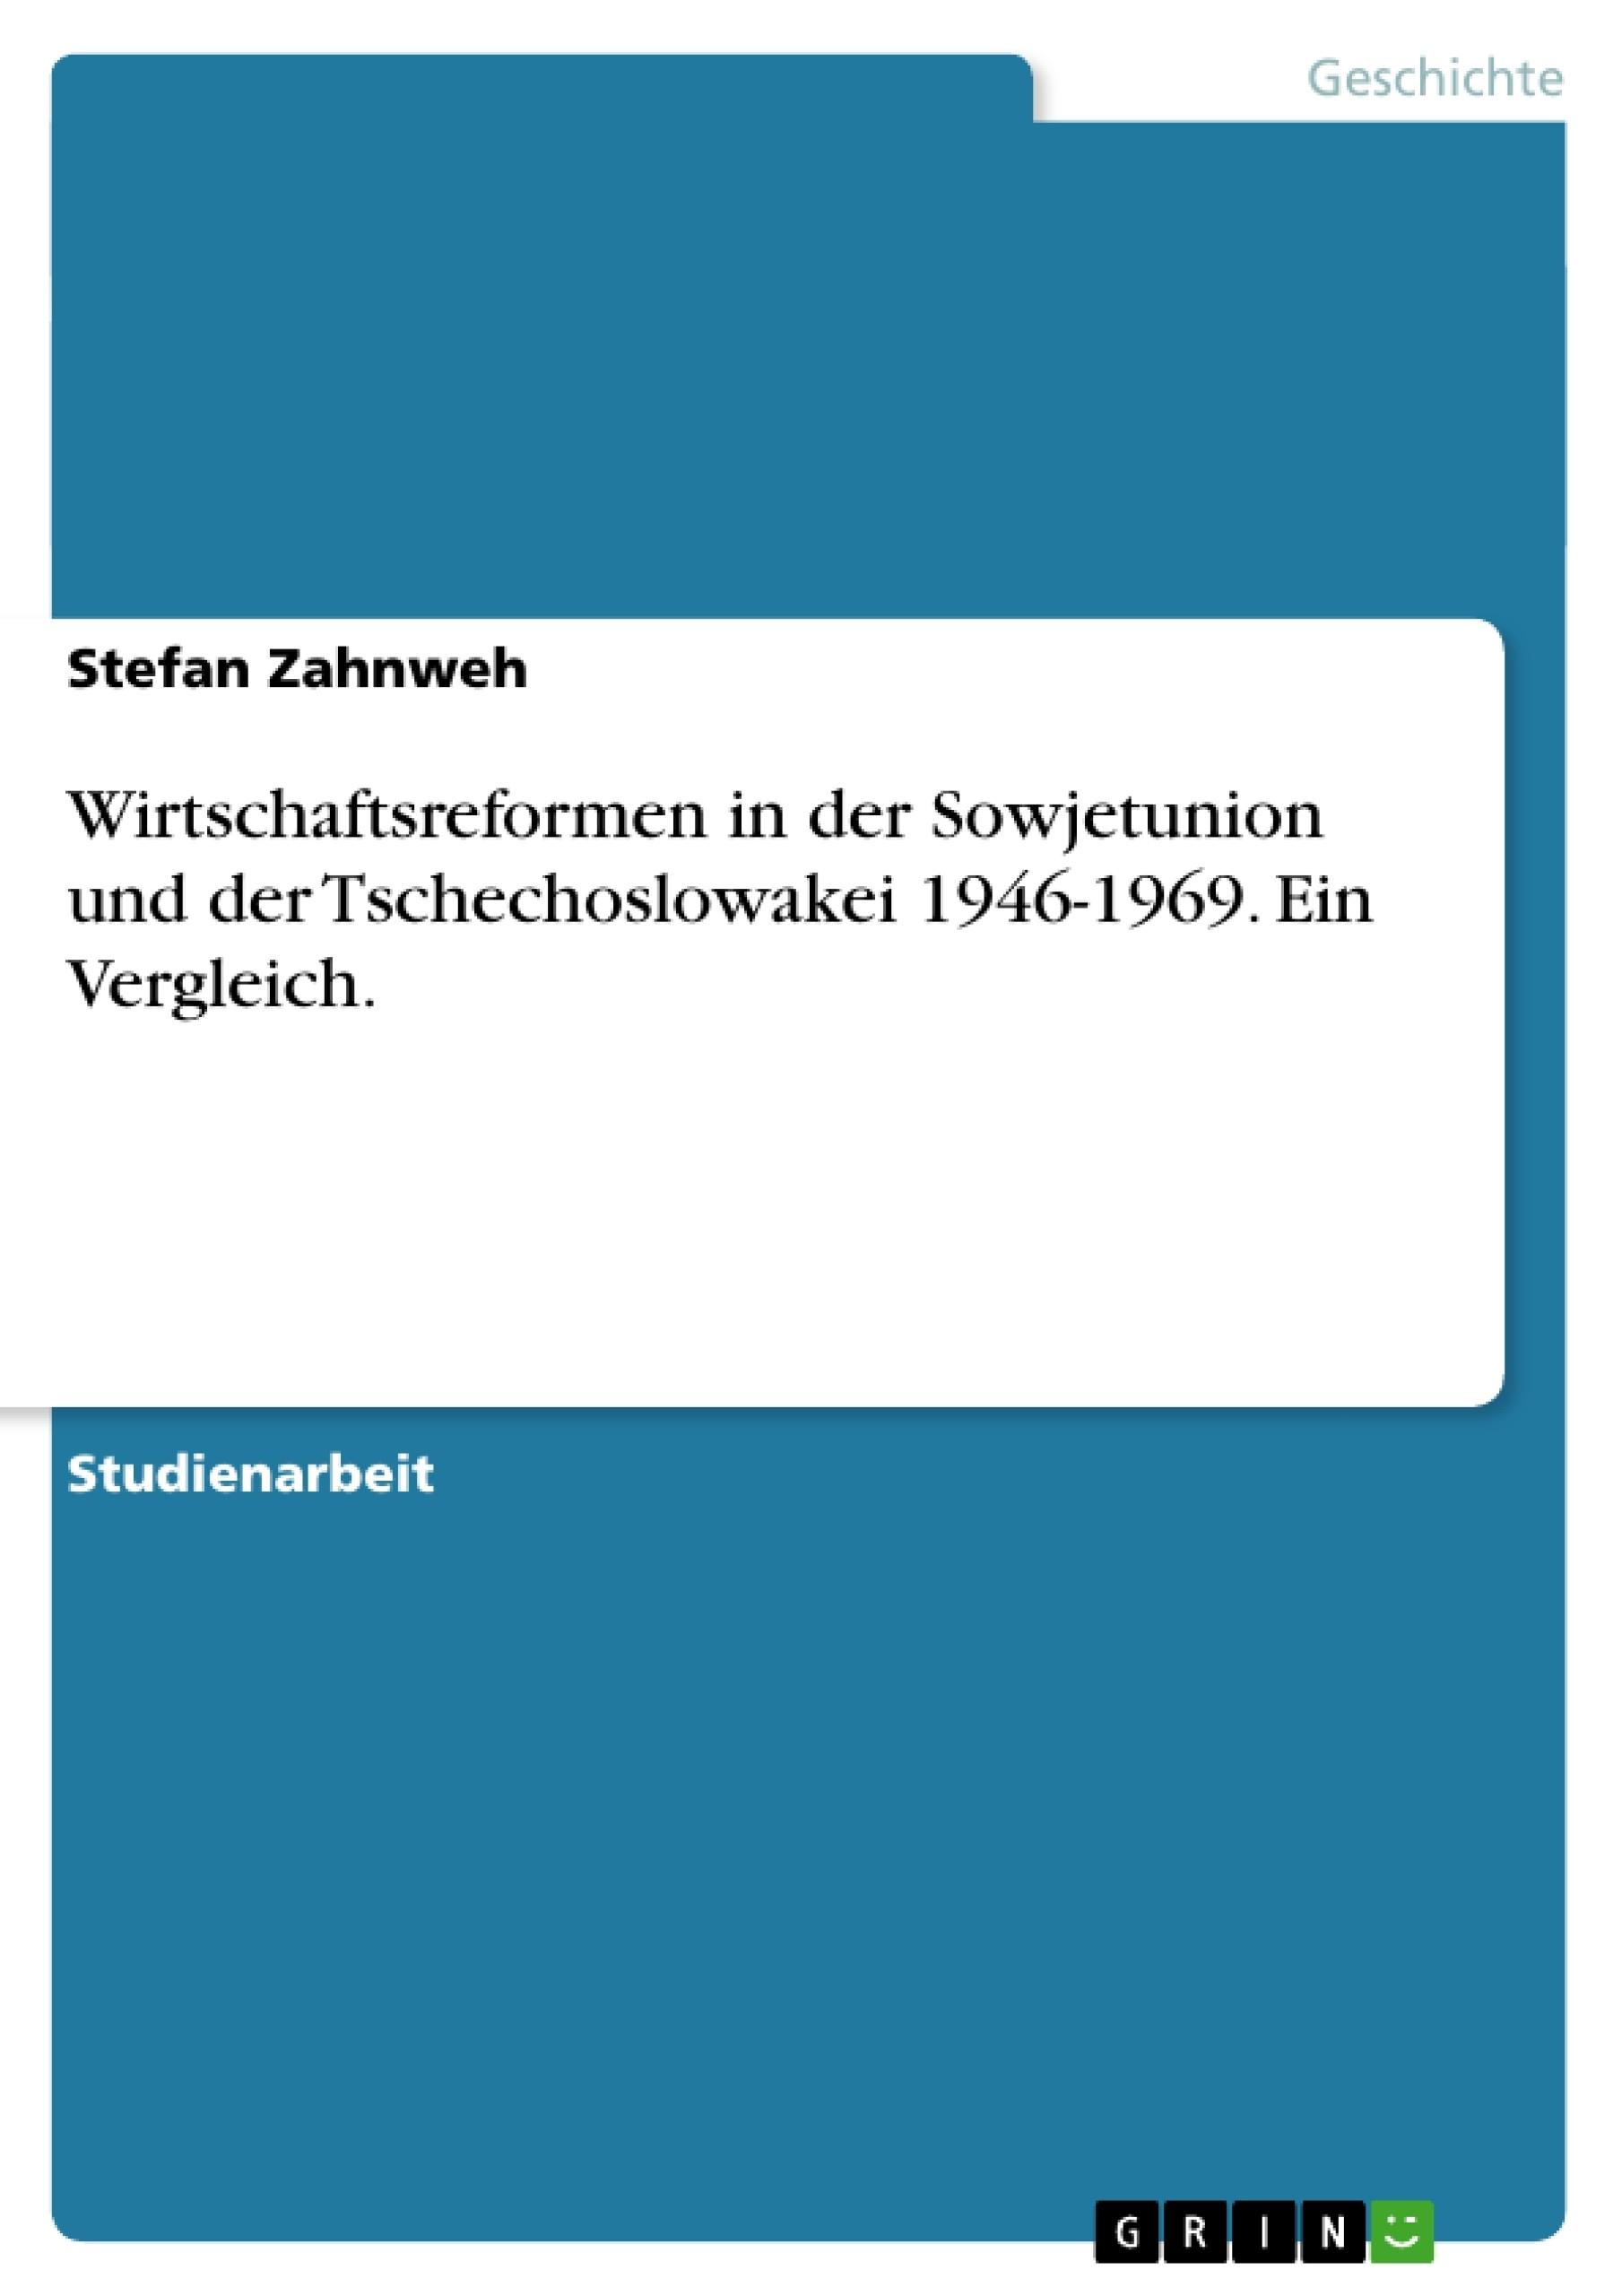 Titel: Wirtschaftsreformen in der Sowjetunion und der Tschechoslowakei 1946-1969. Ein Vergleich.